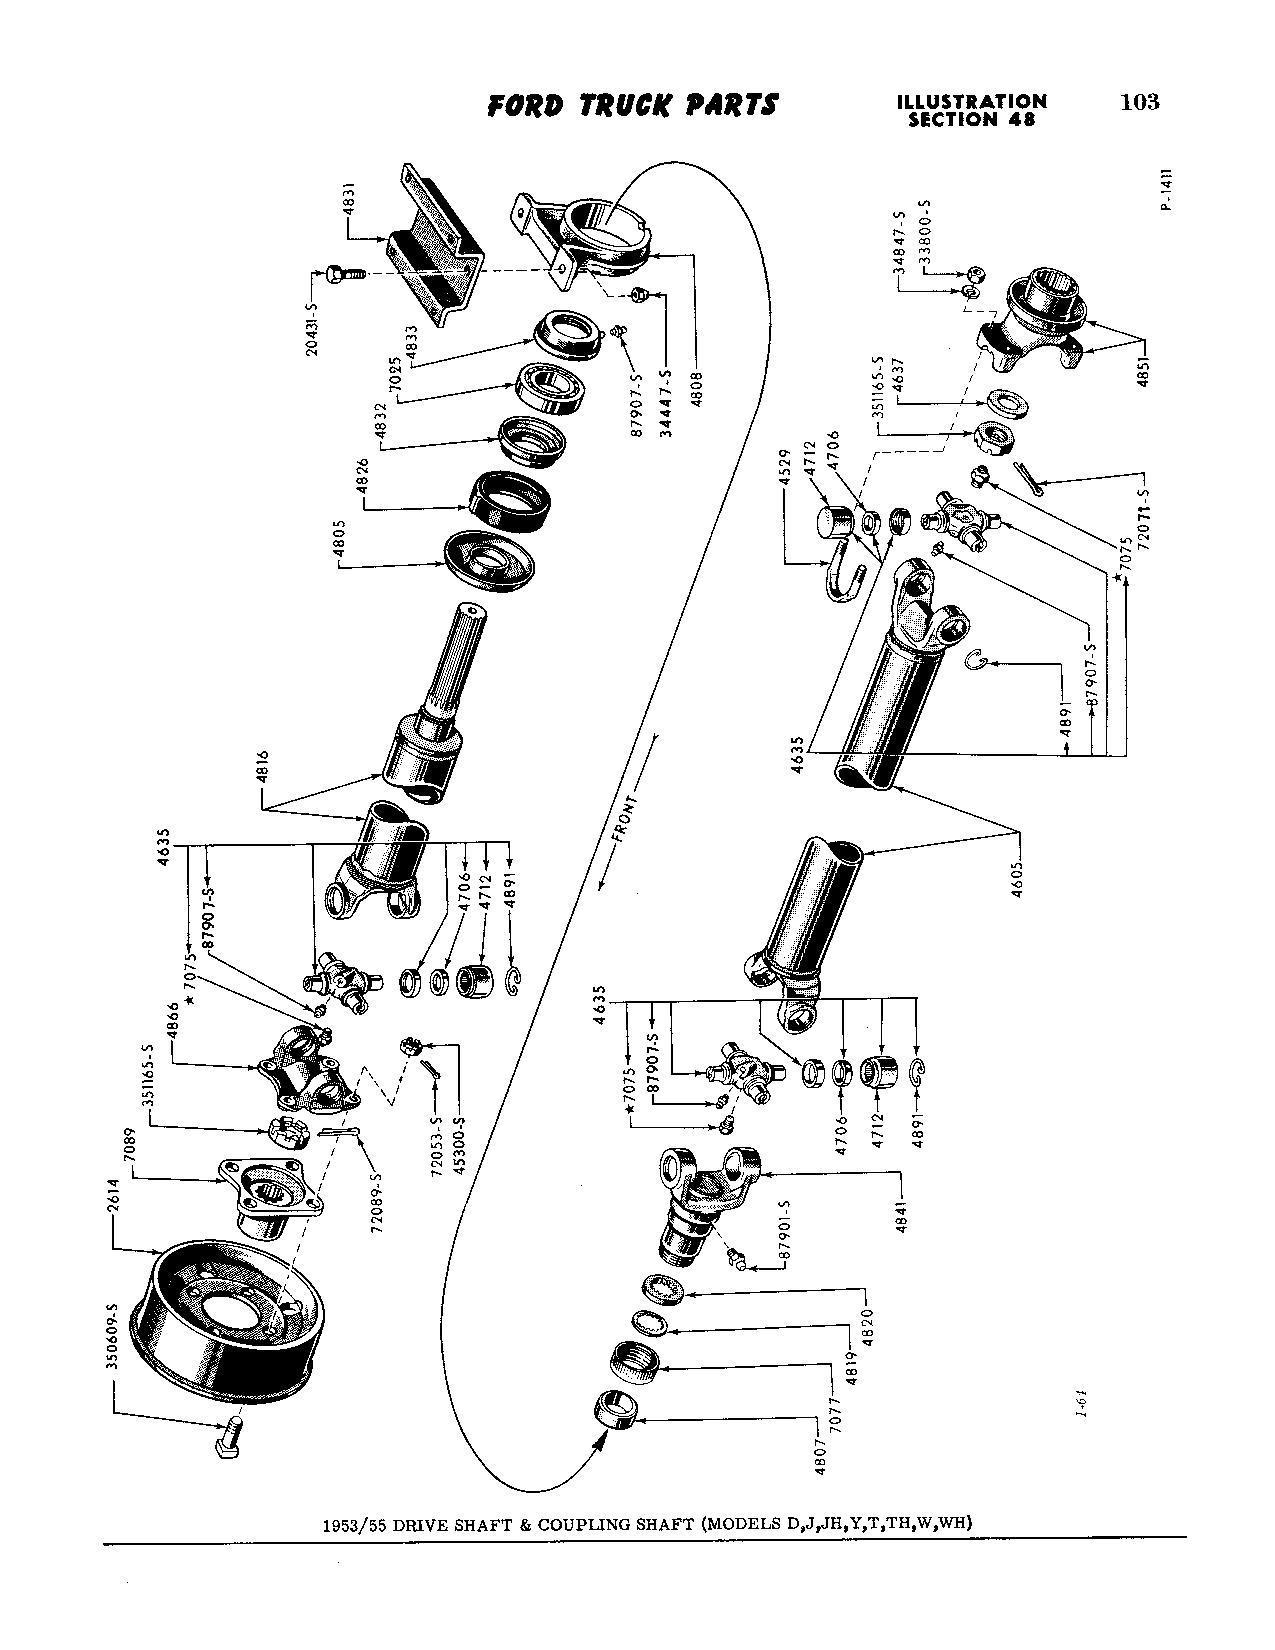 53 F250 Hanger Bearing